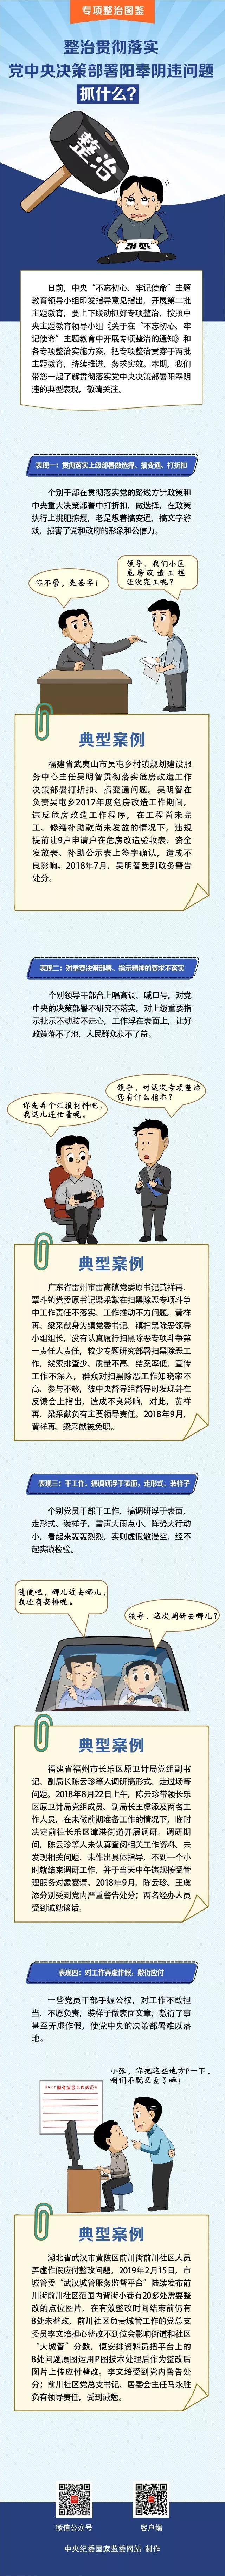 对党中央决策部署阳奉阴违 这四种典型表现要整治